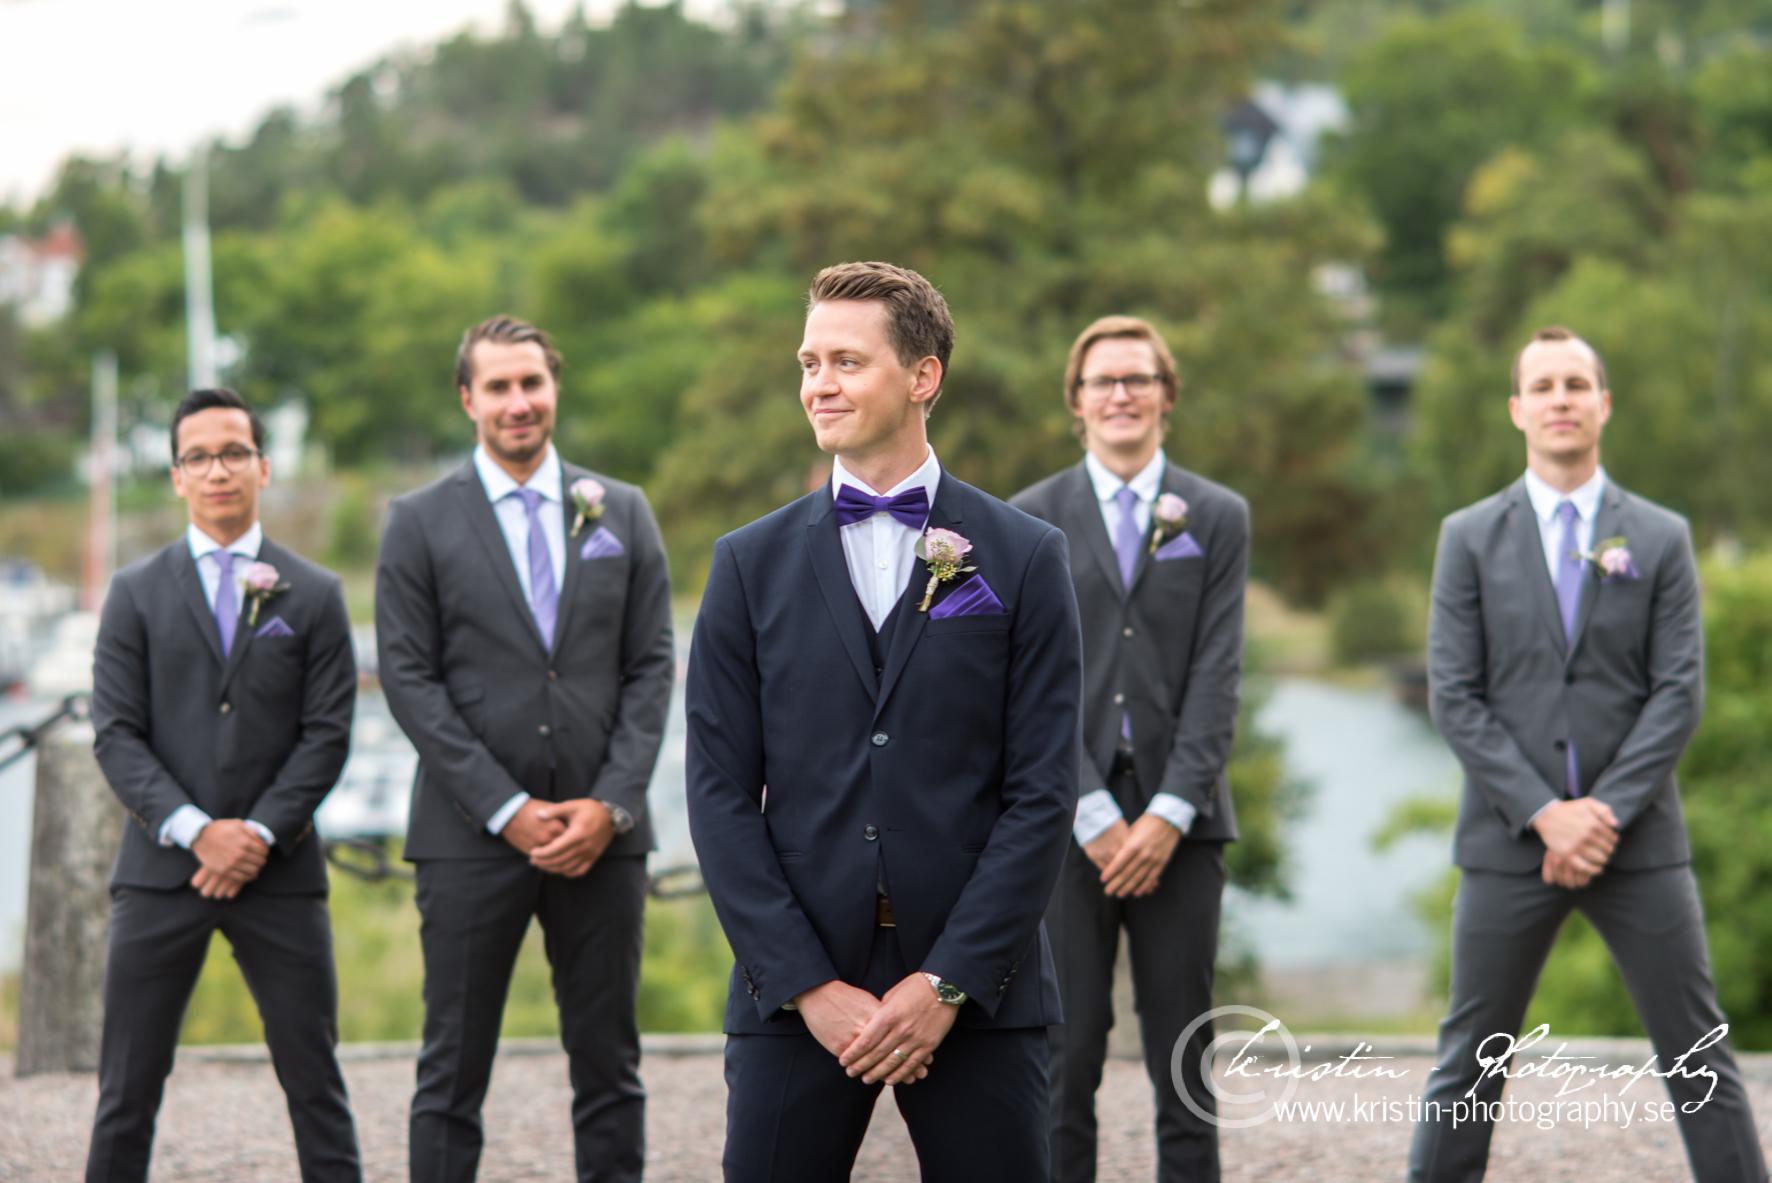 Bröllopsfotograf i Eskilstuna, Kristin - Photography-278.jpg